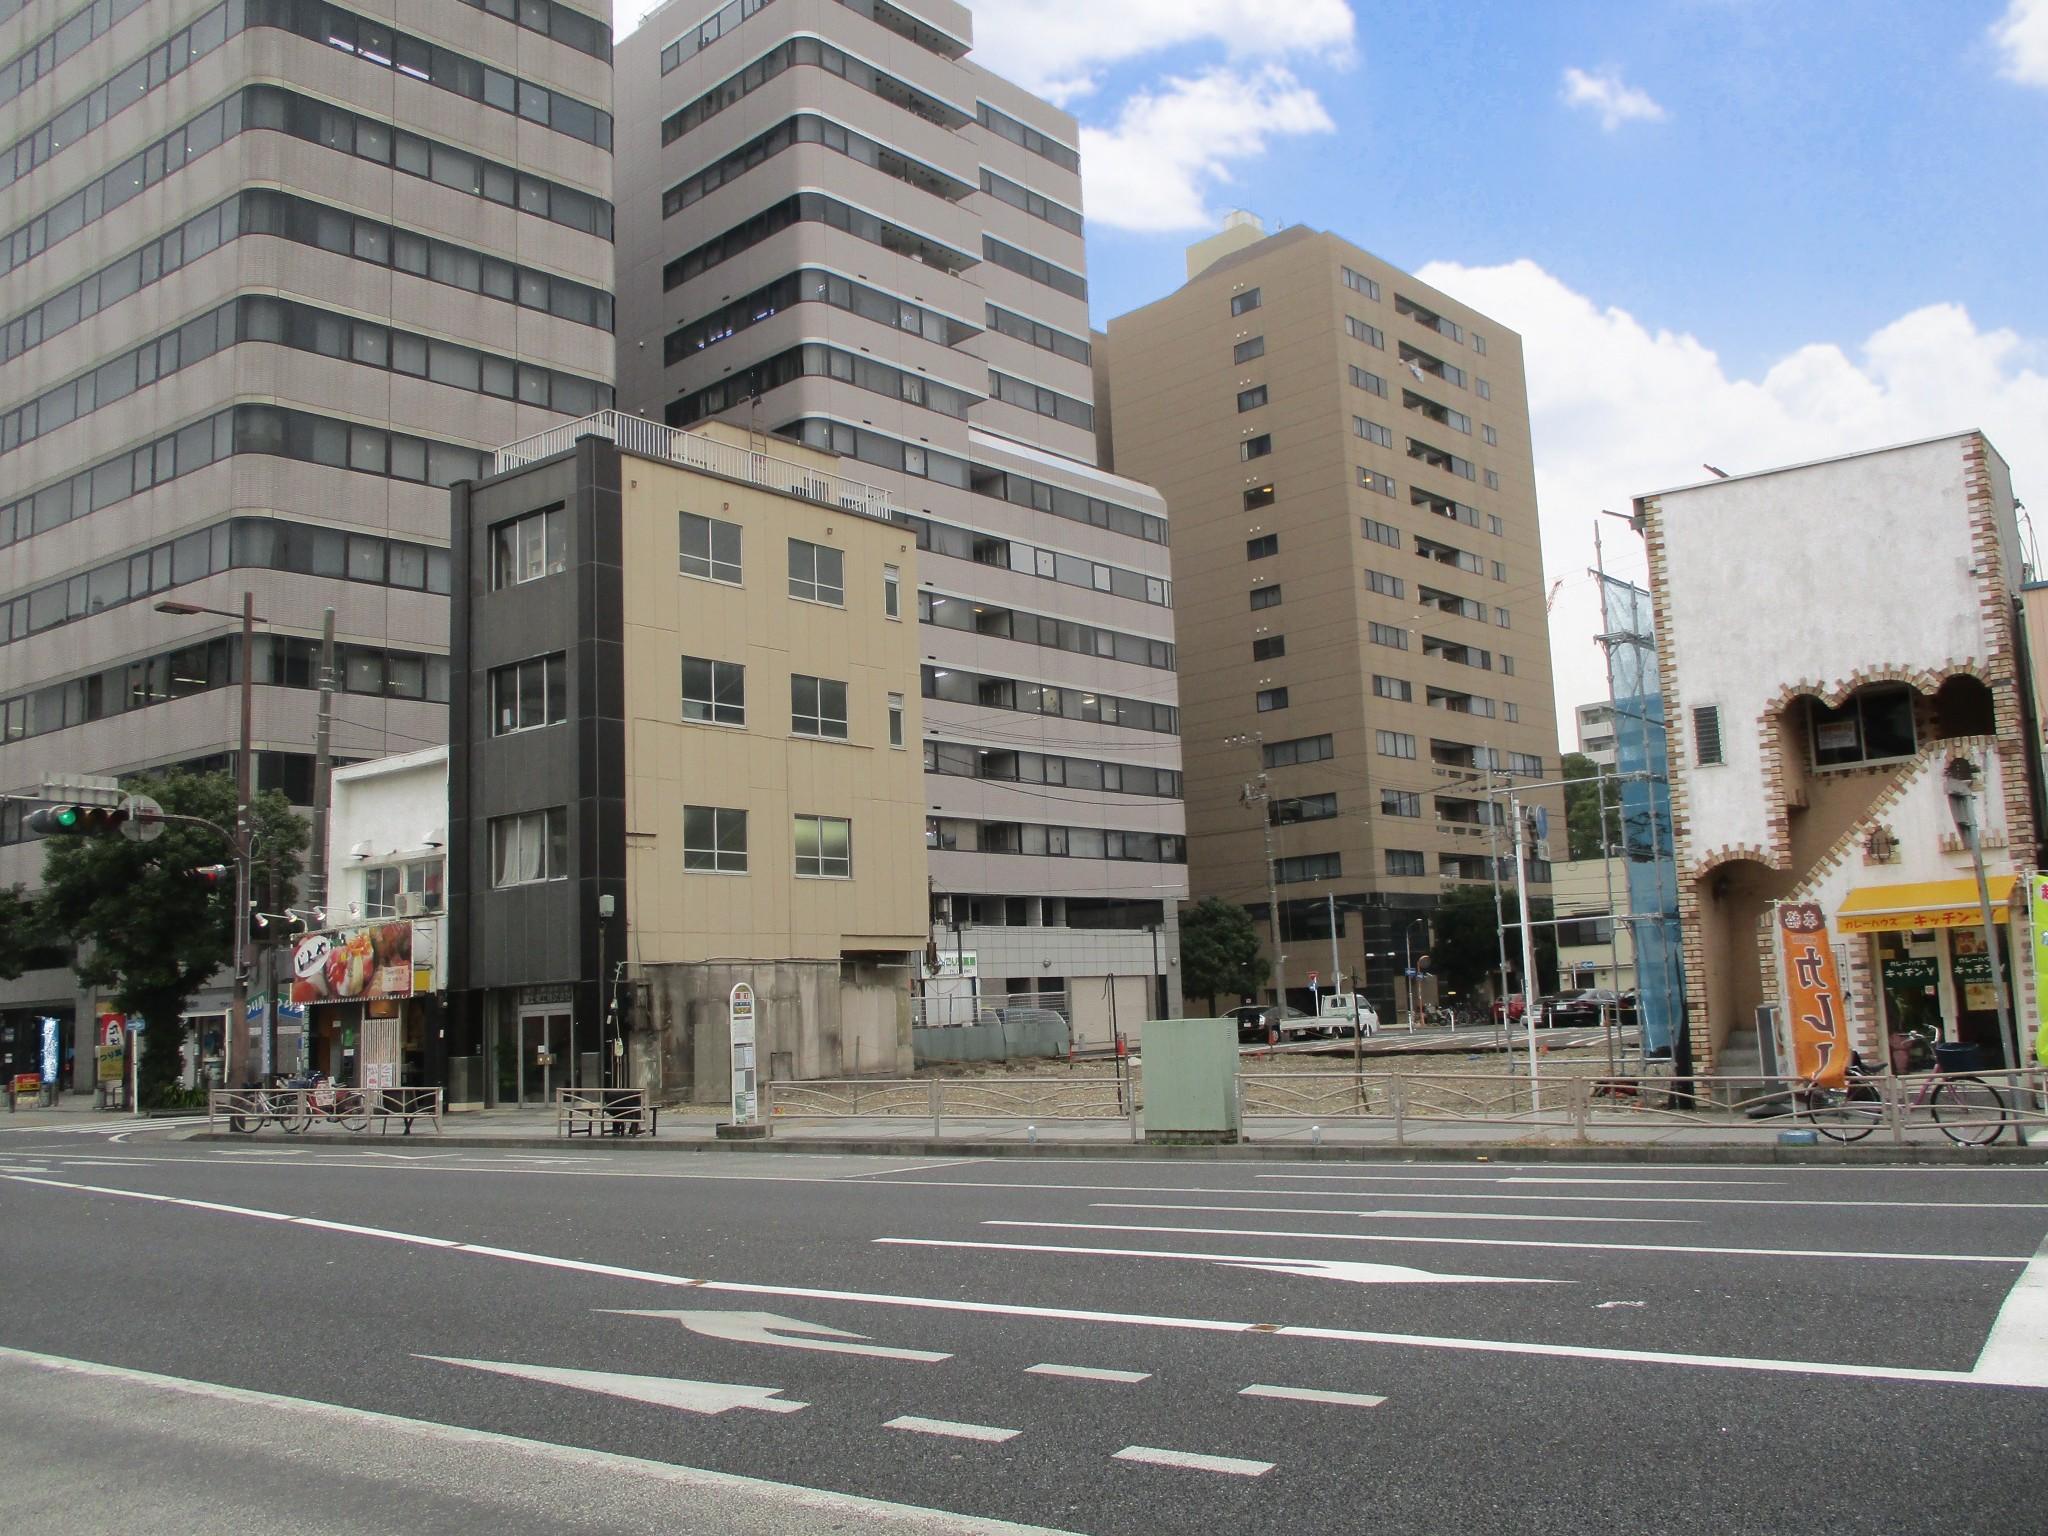 アクアグループ 物件販売実績写真 横浜市中区曙町2丁目 第10期 土地分譲  事業用地